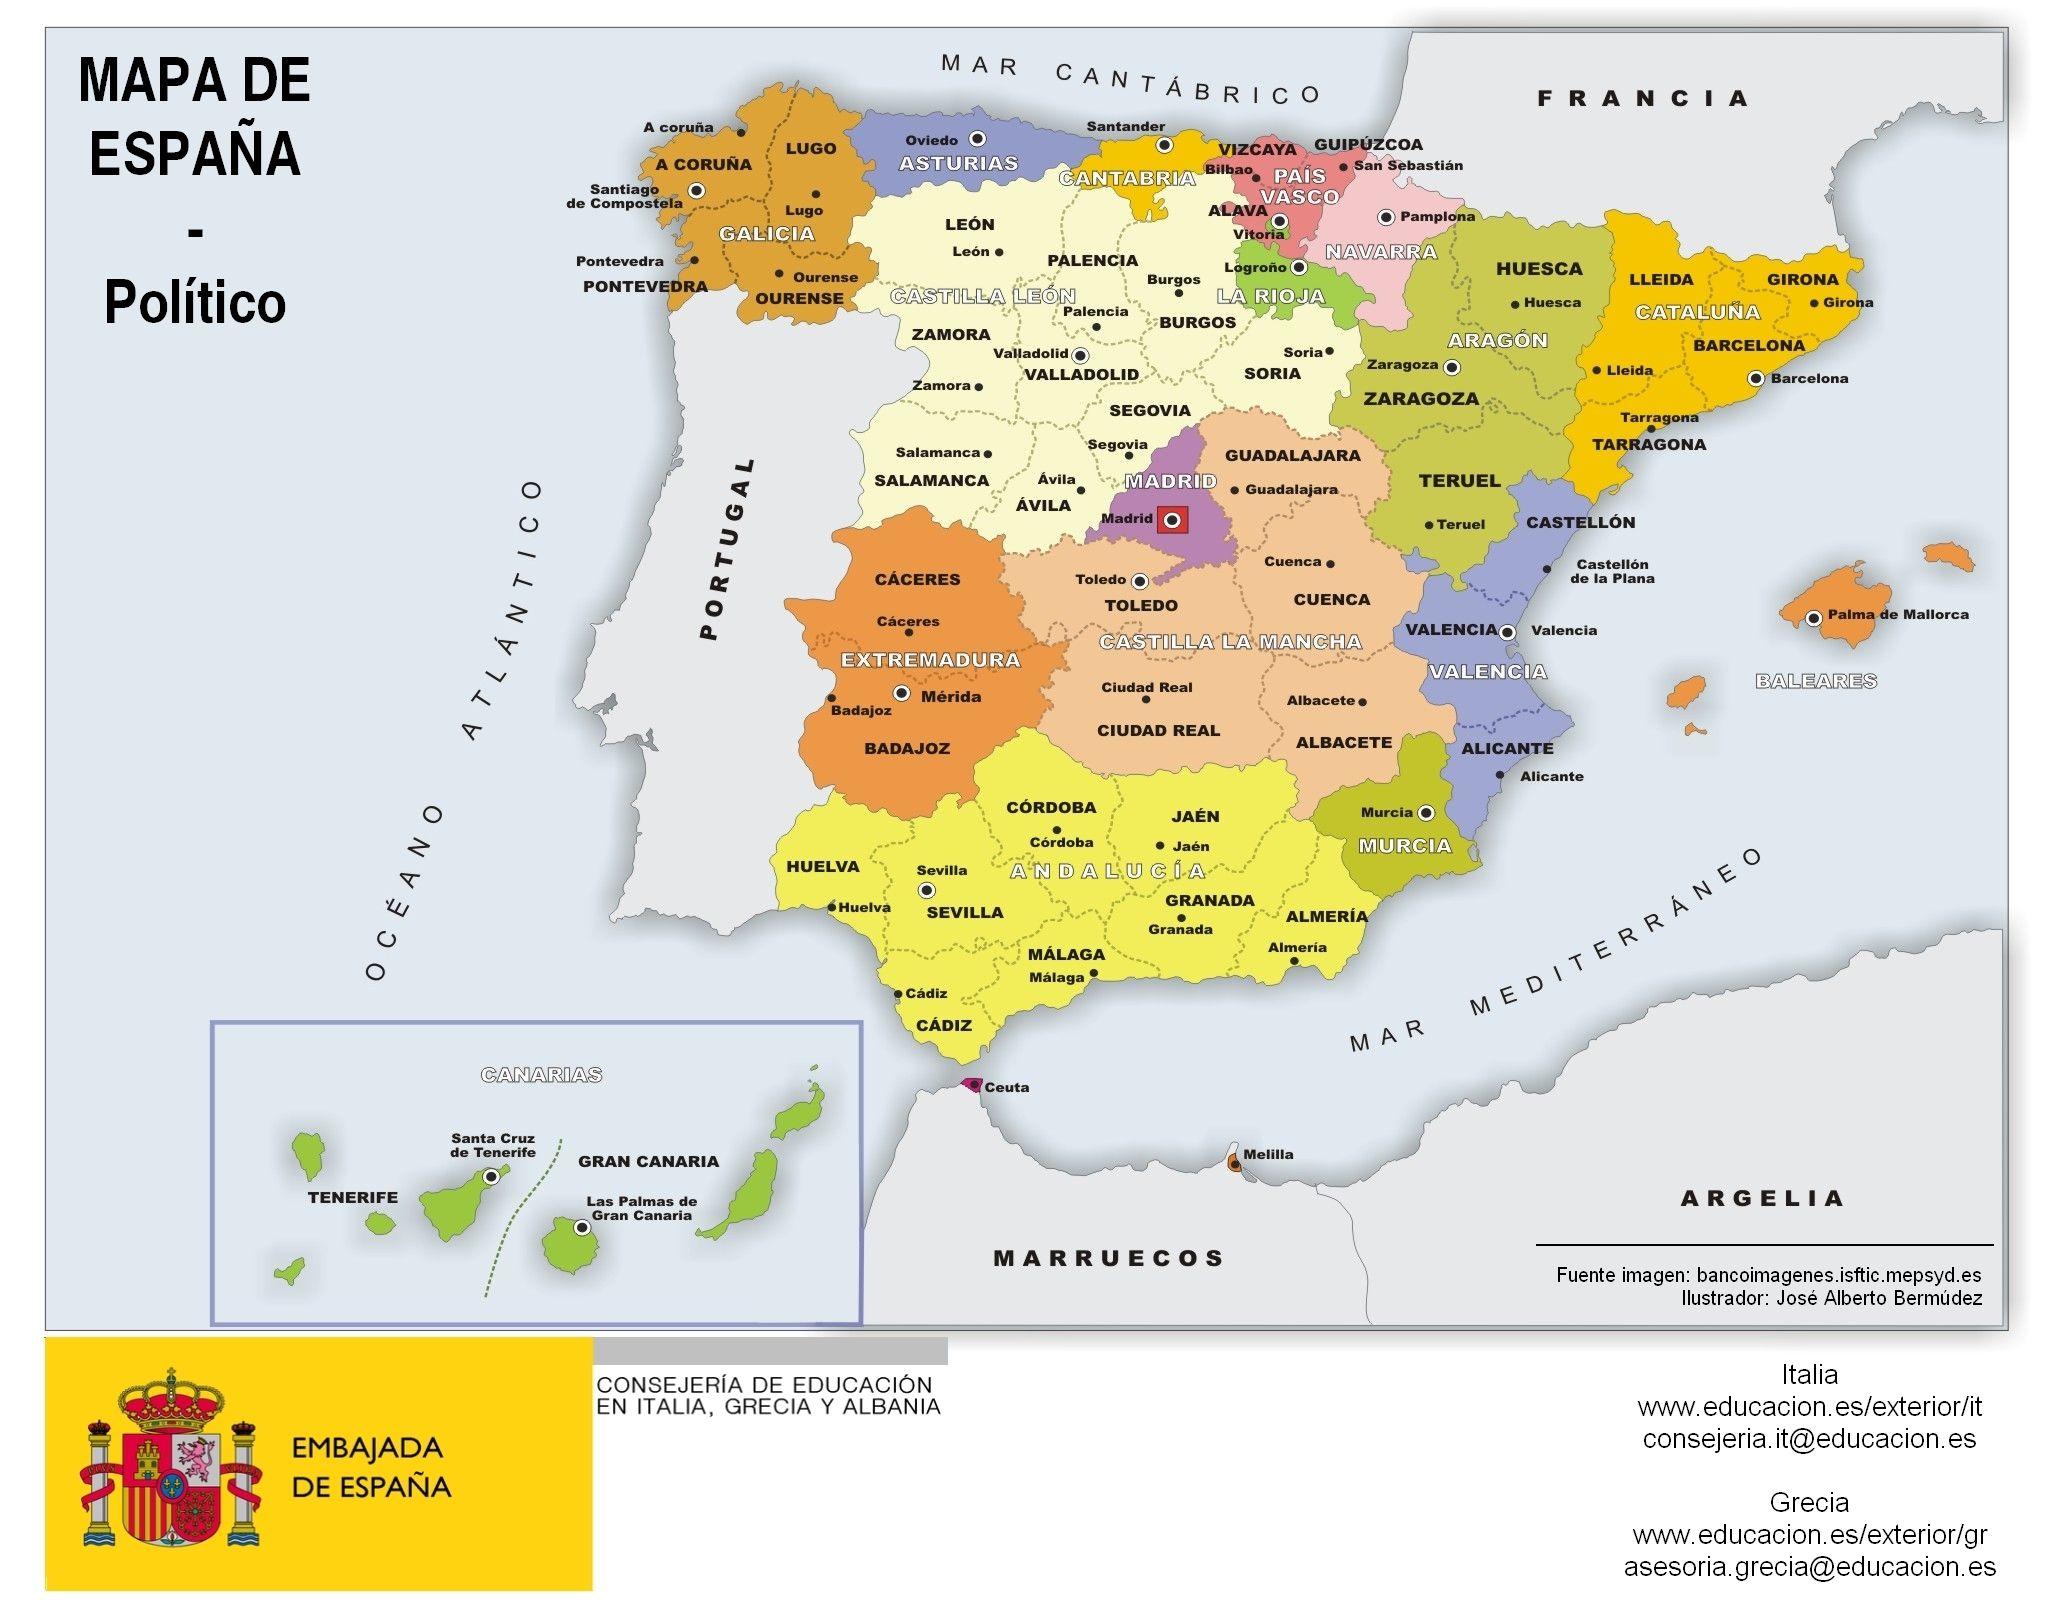 Mapa Flash Provincias España.Mapa De Espana Por Comunidades Y Provincias Infografia